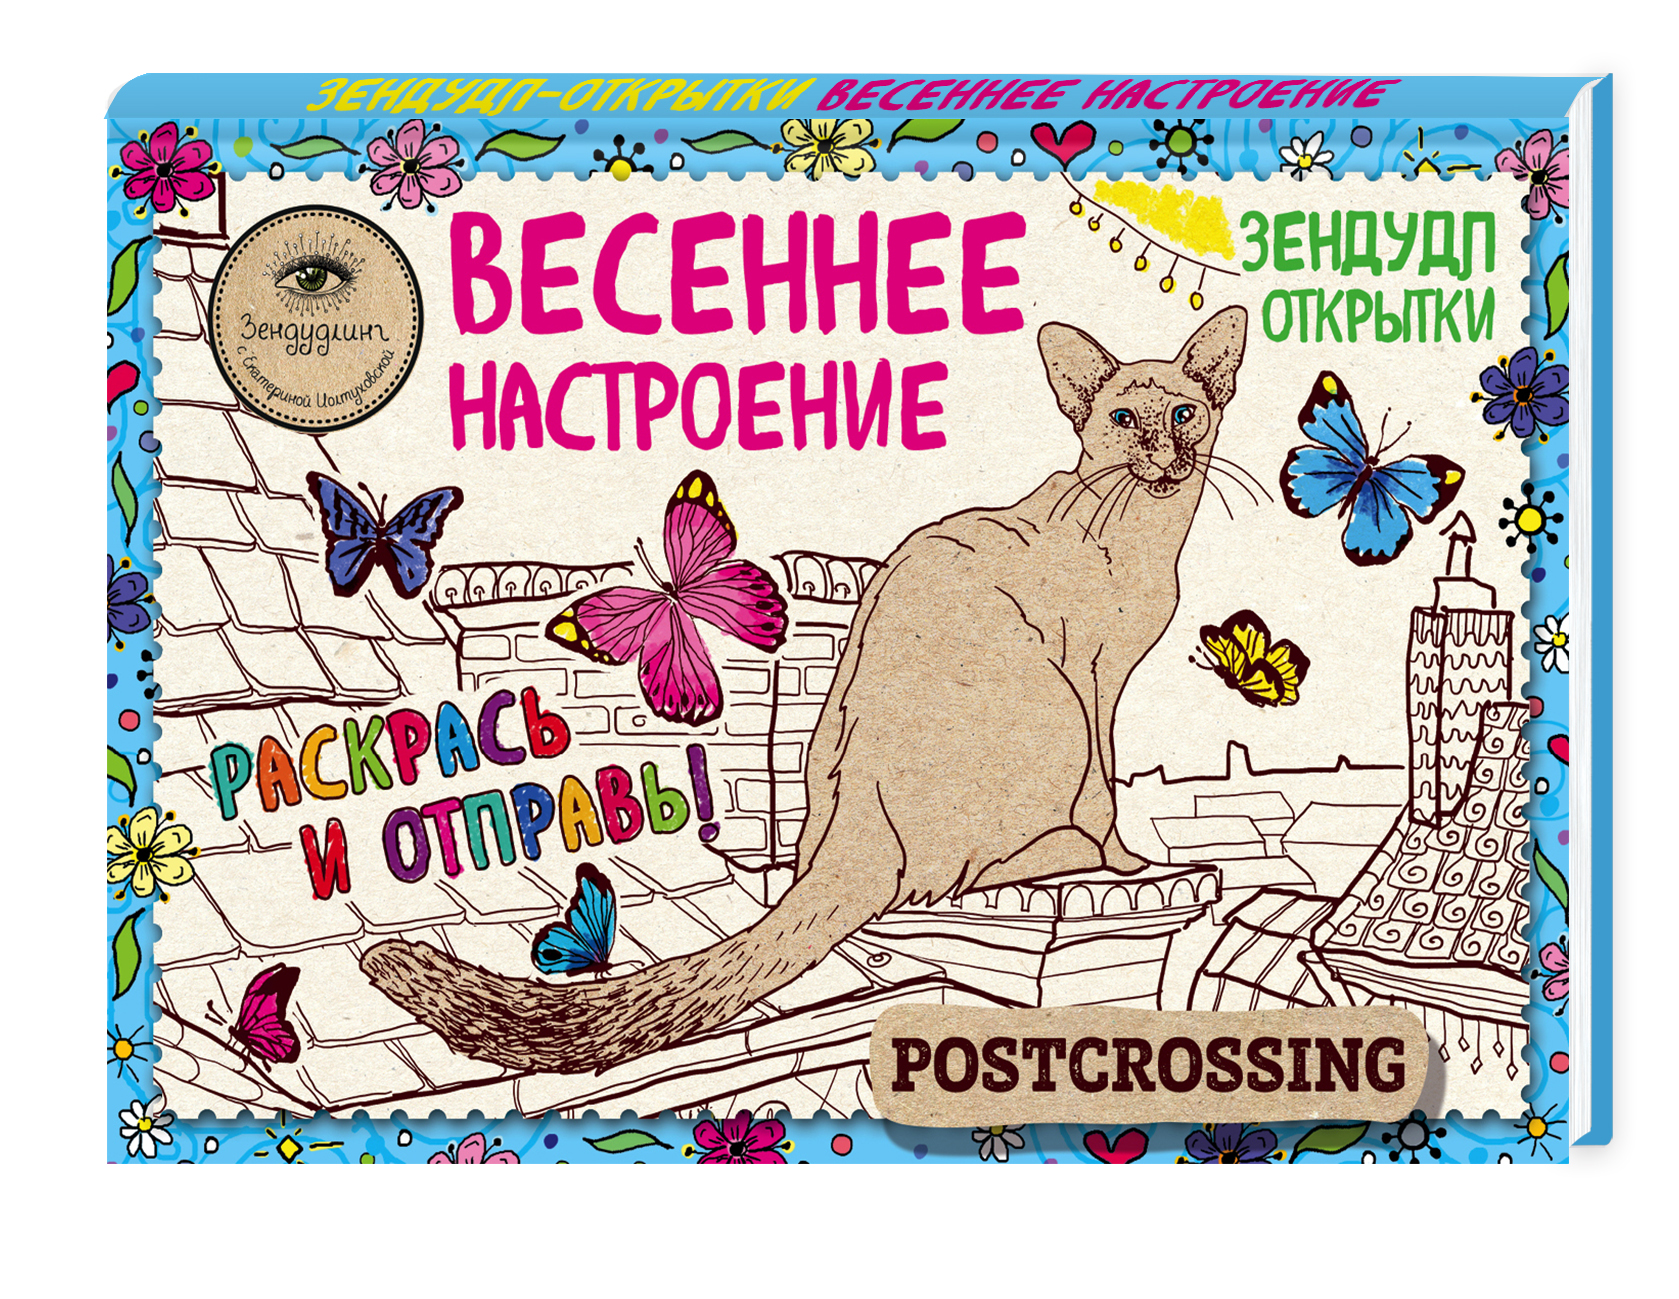 Иолтуховская Е.А. Зендудл-открытки Весеннее настроение. Happy postcrossing